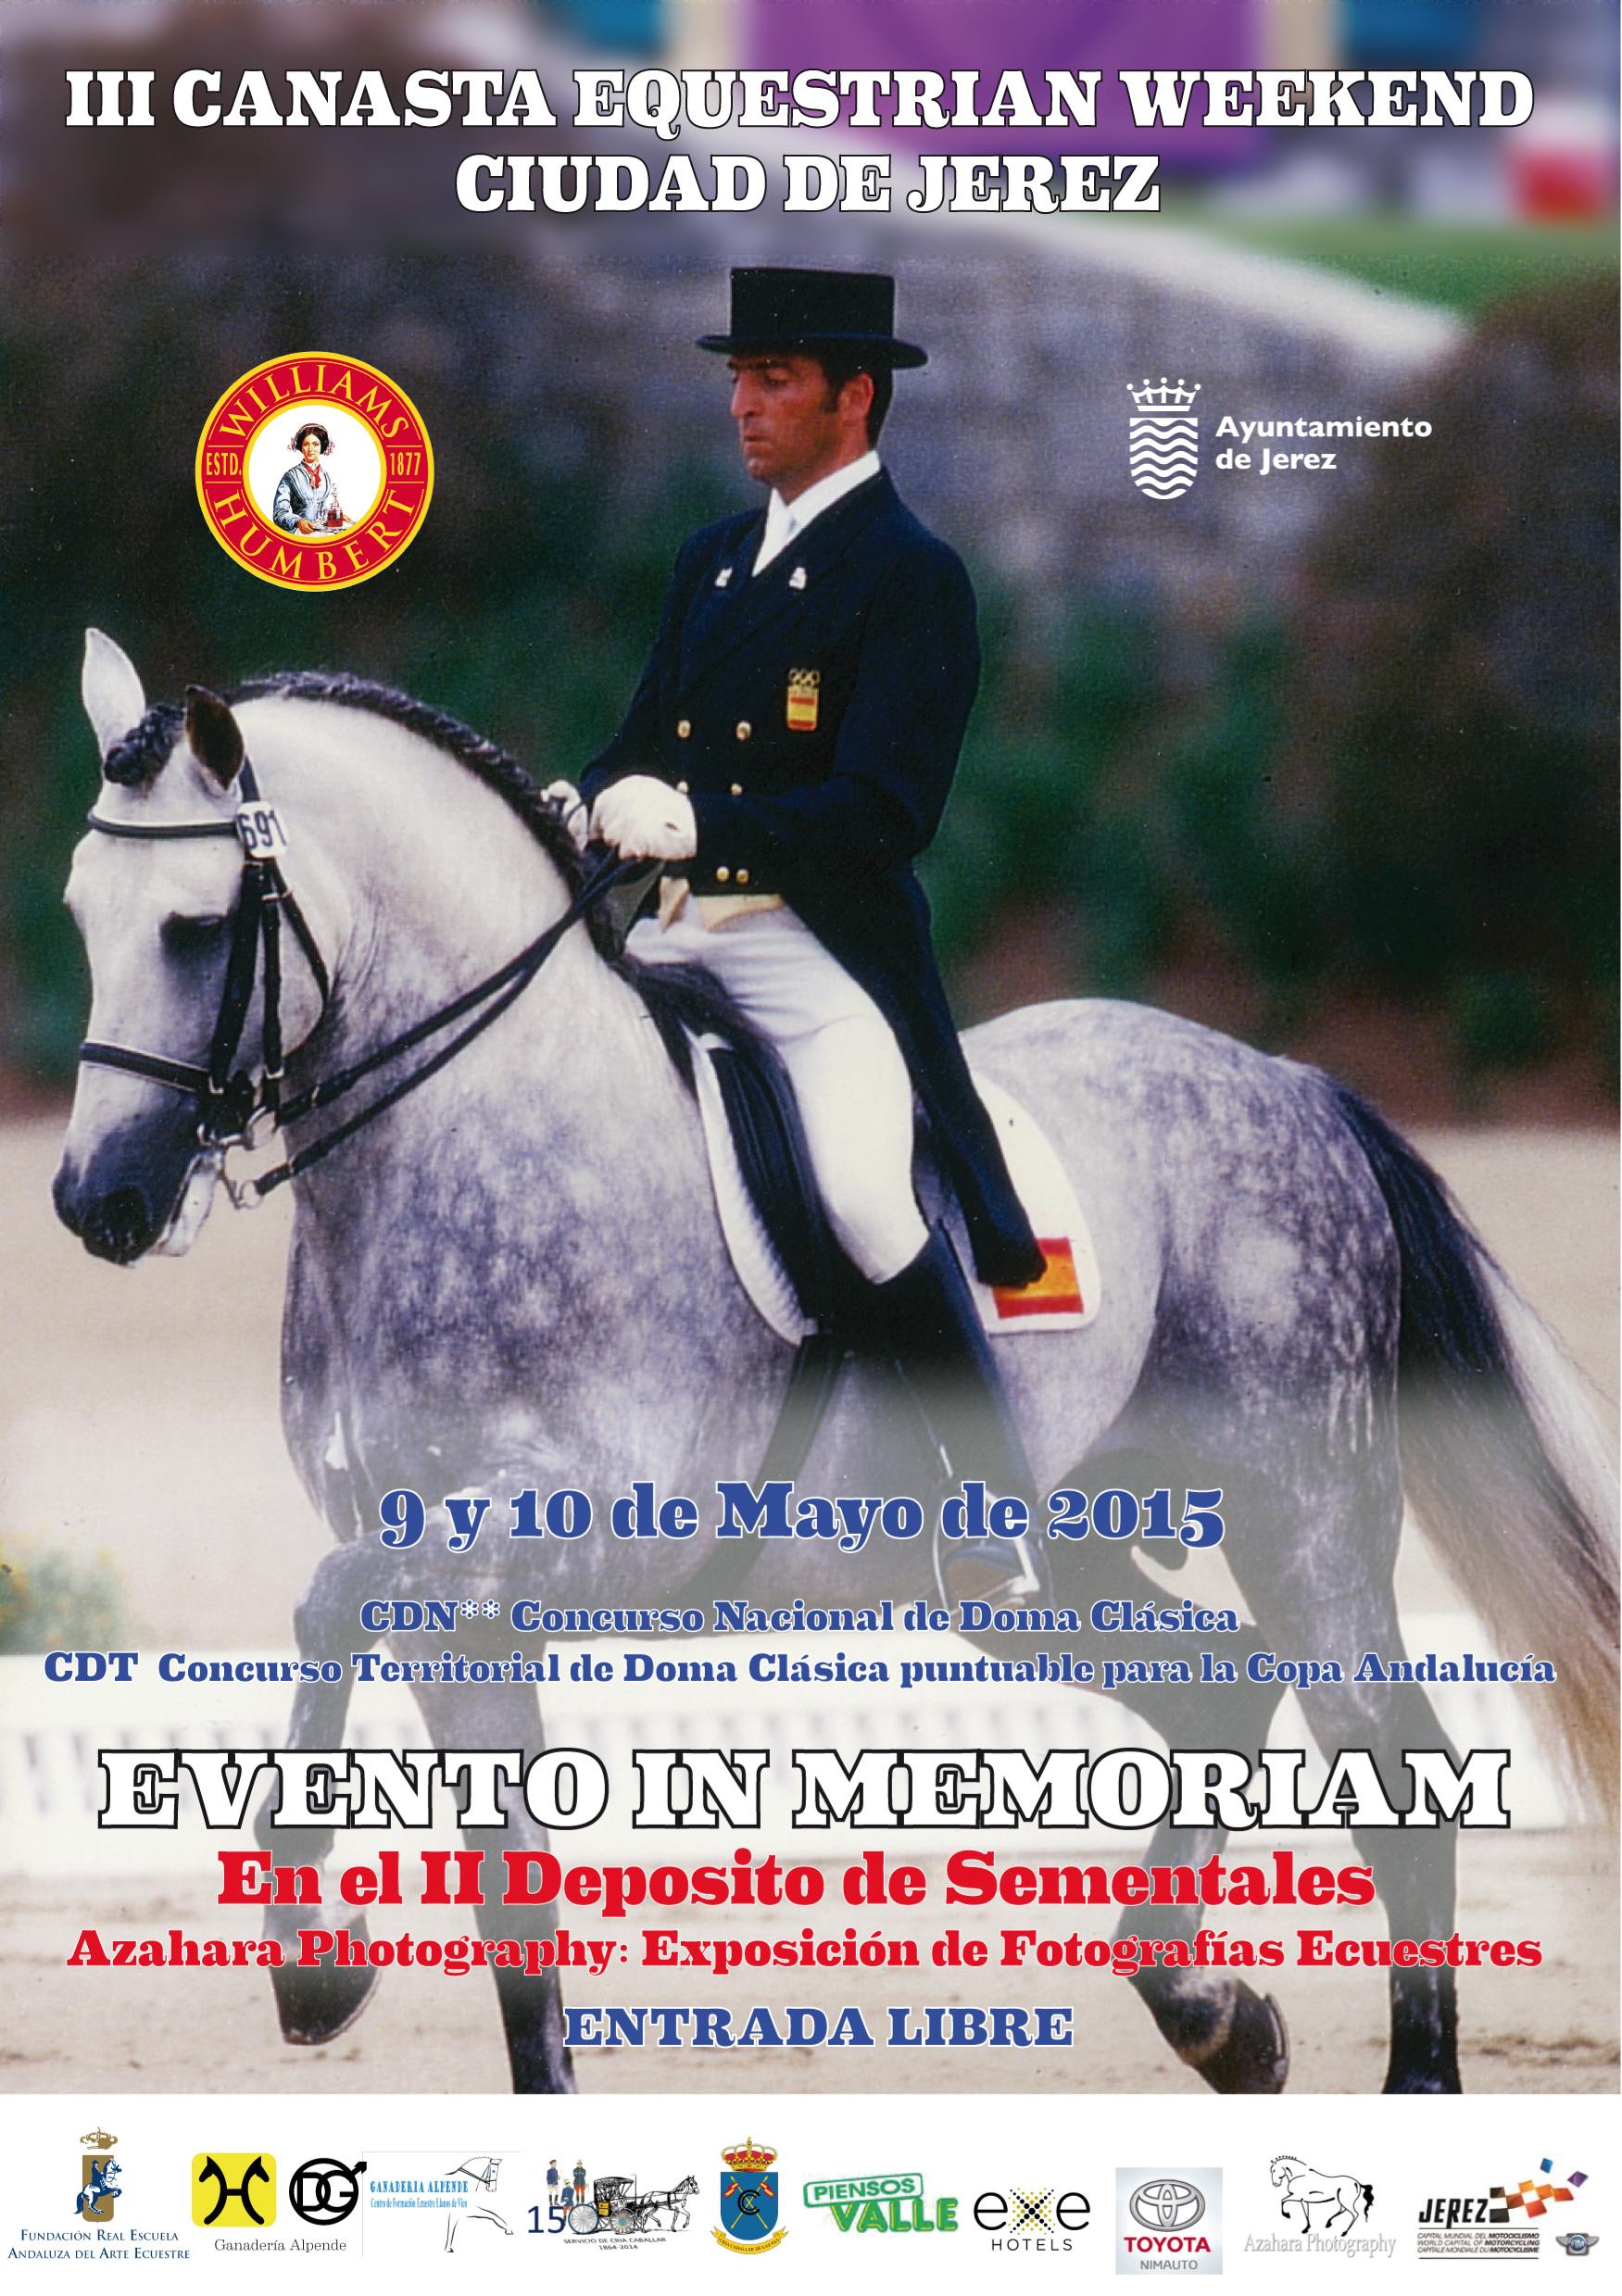 El III Canasta Equestrian Weekend se celebrará este fin de semana en el Antiguo Depósito de Sementales